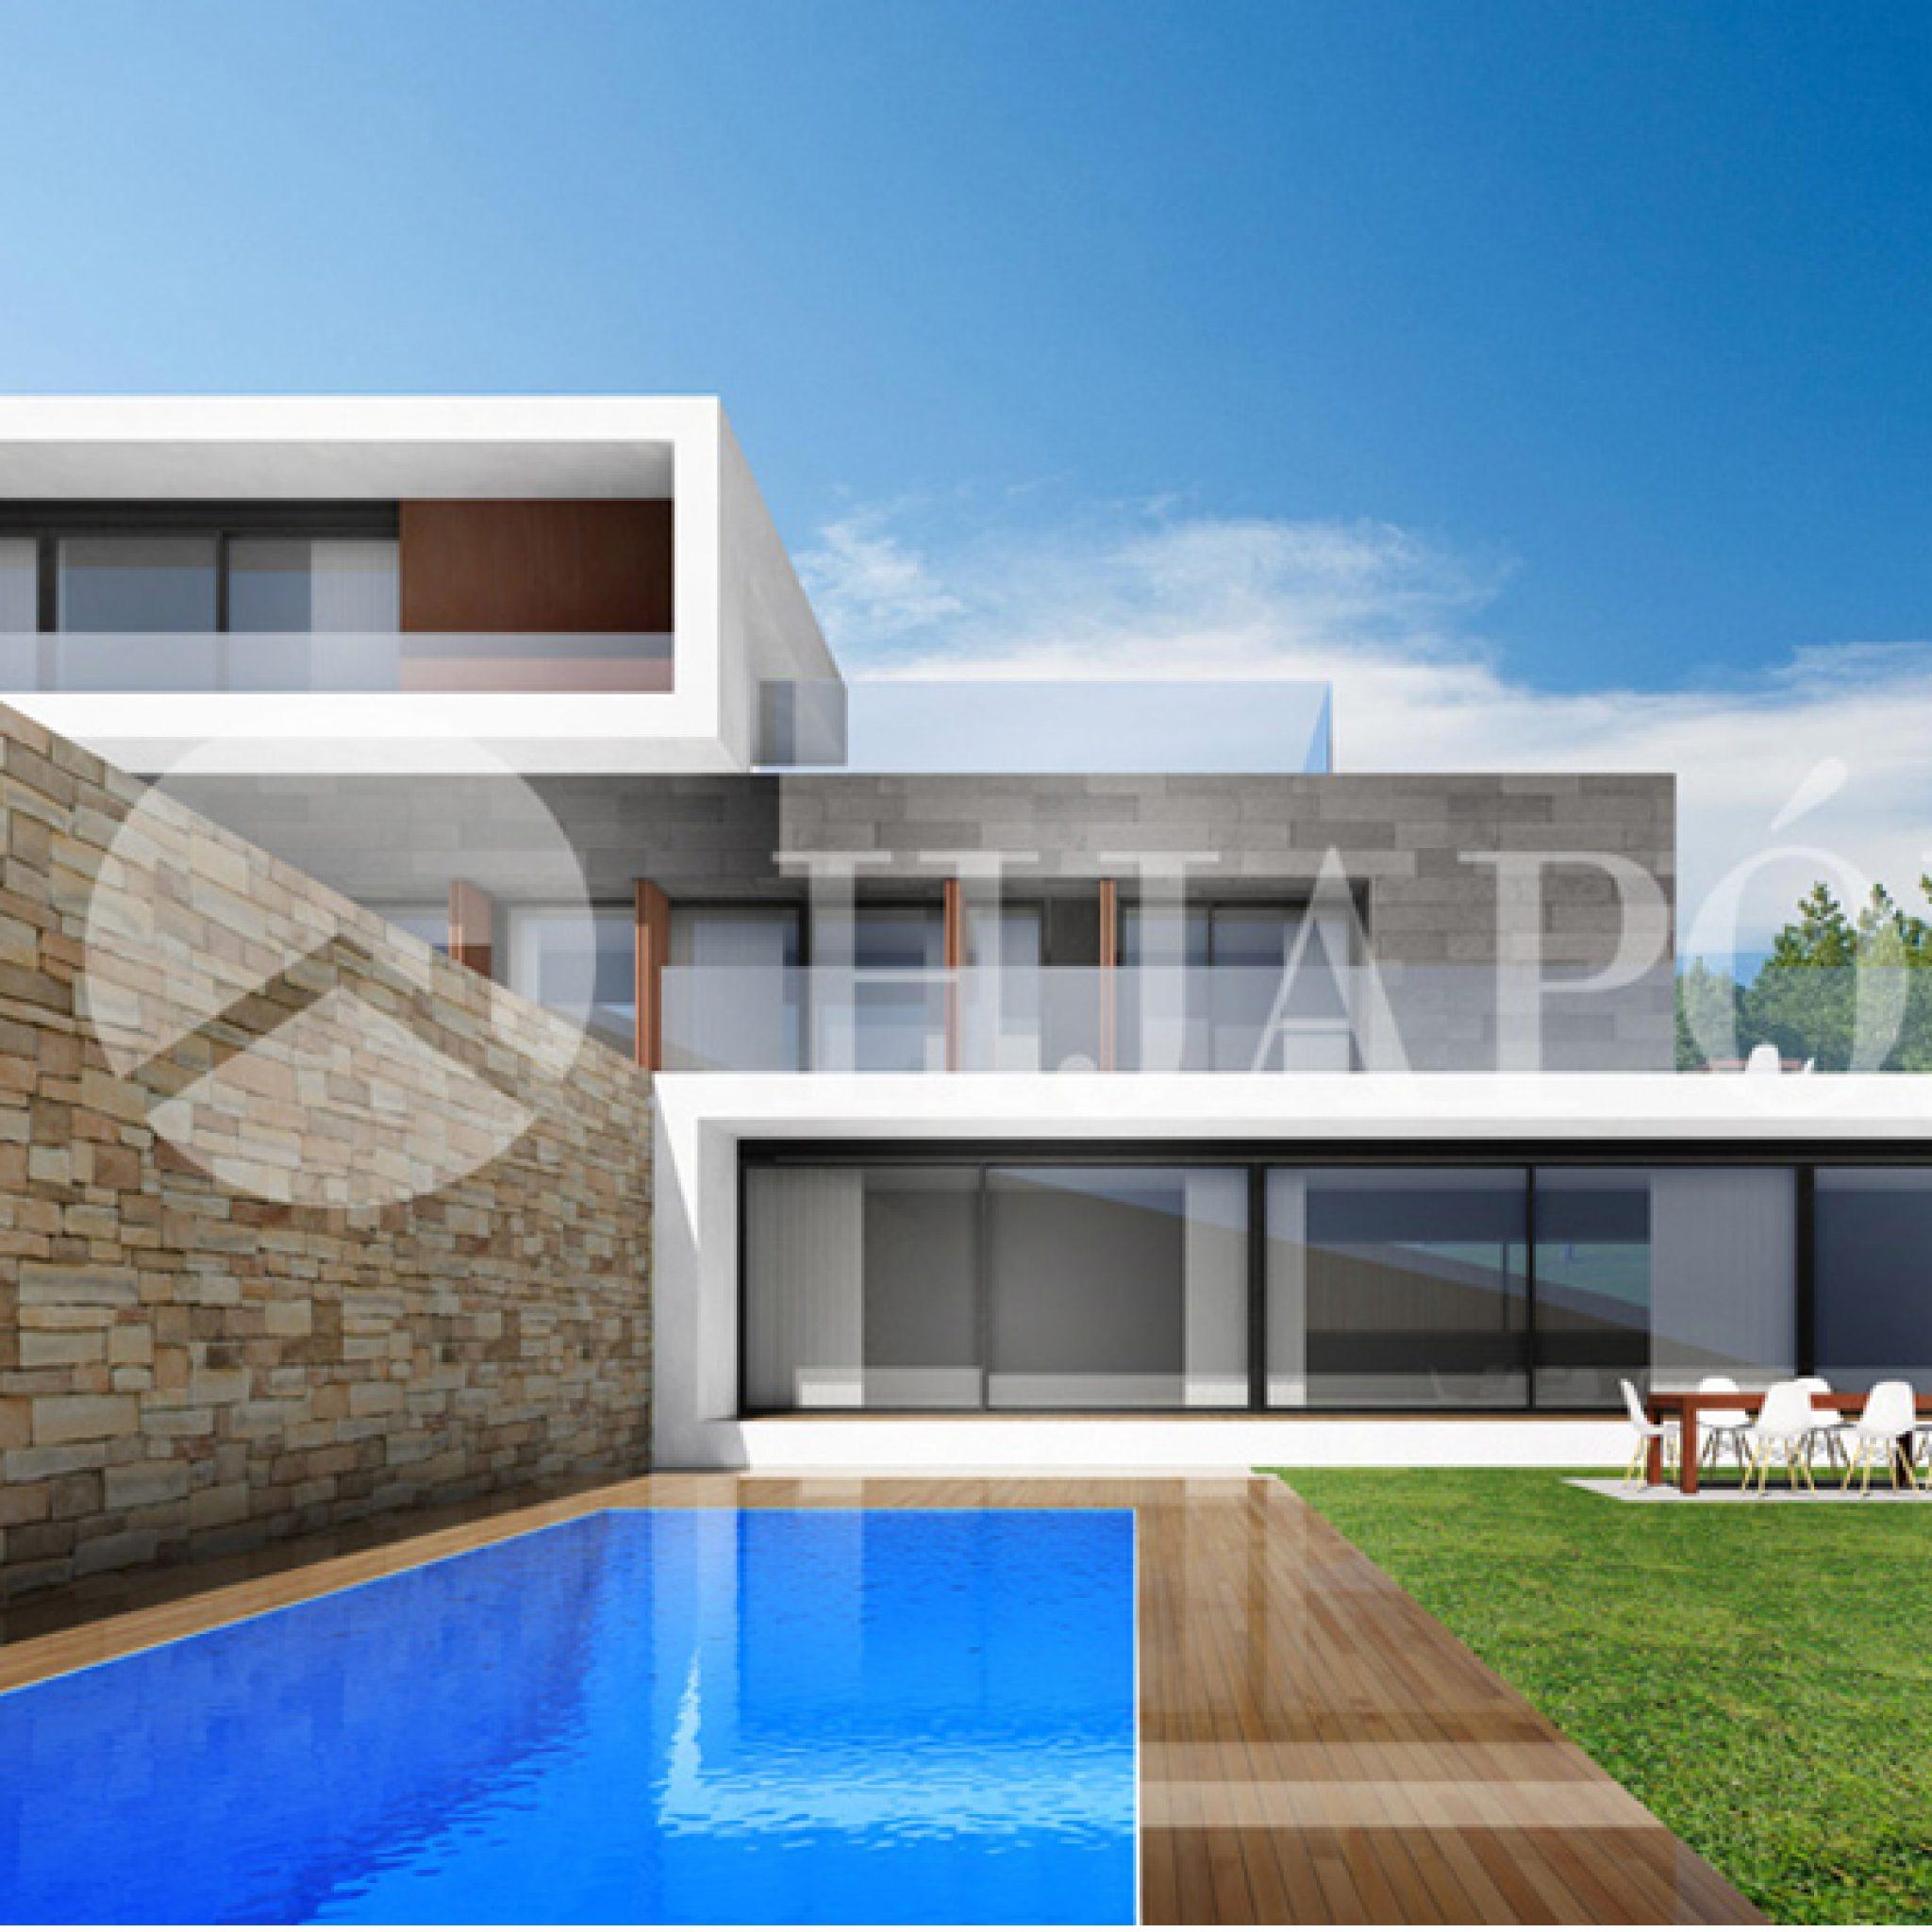 Comprar casa de diseño en Barcelona Costa